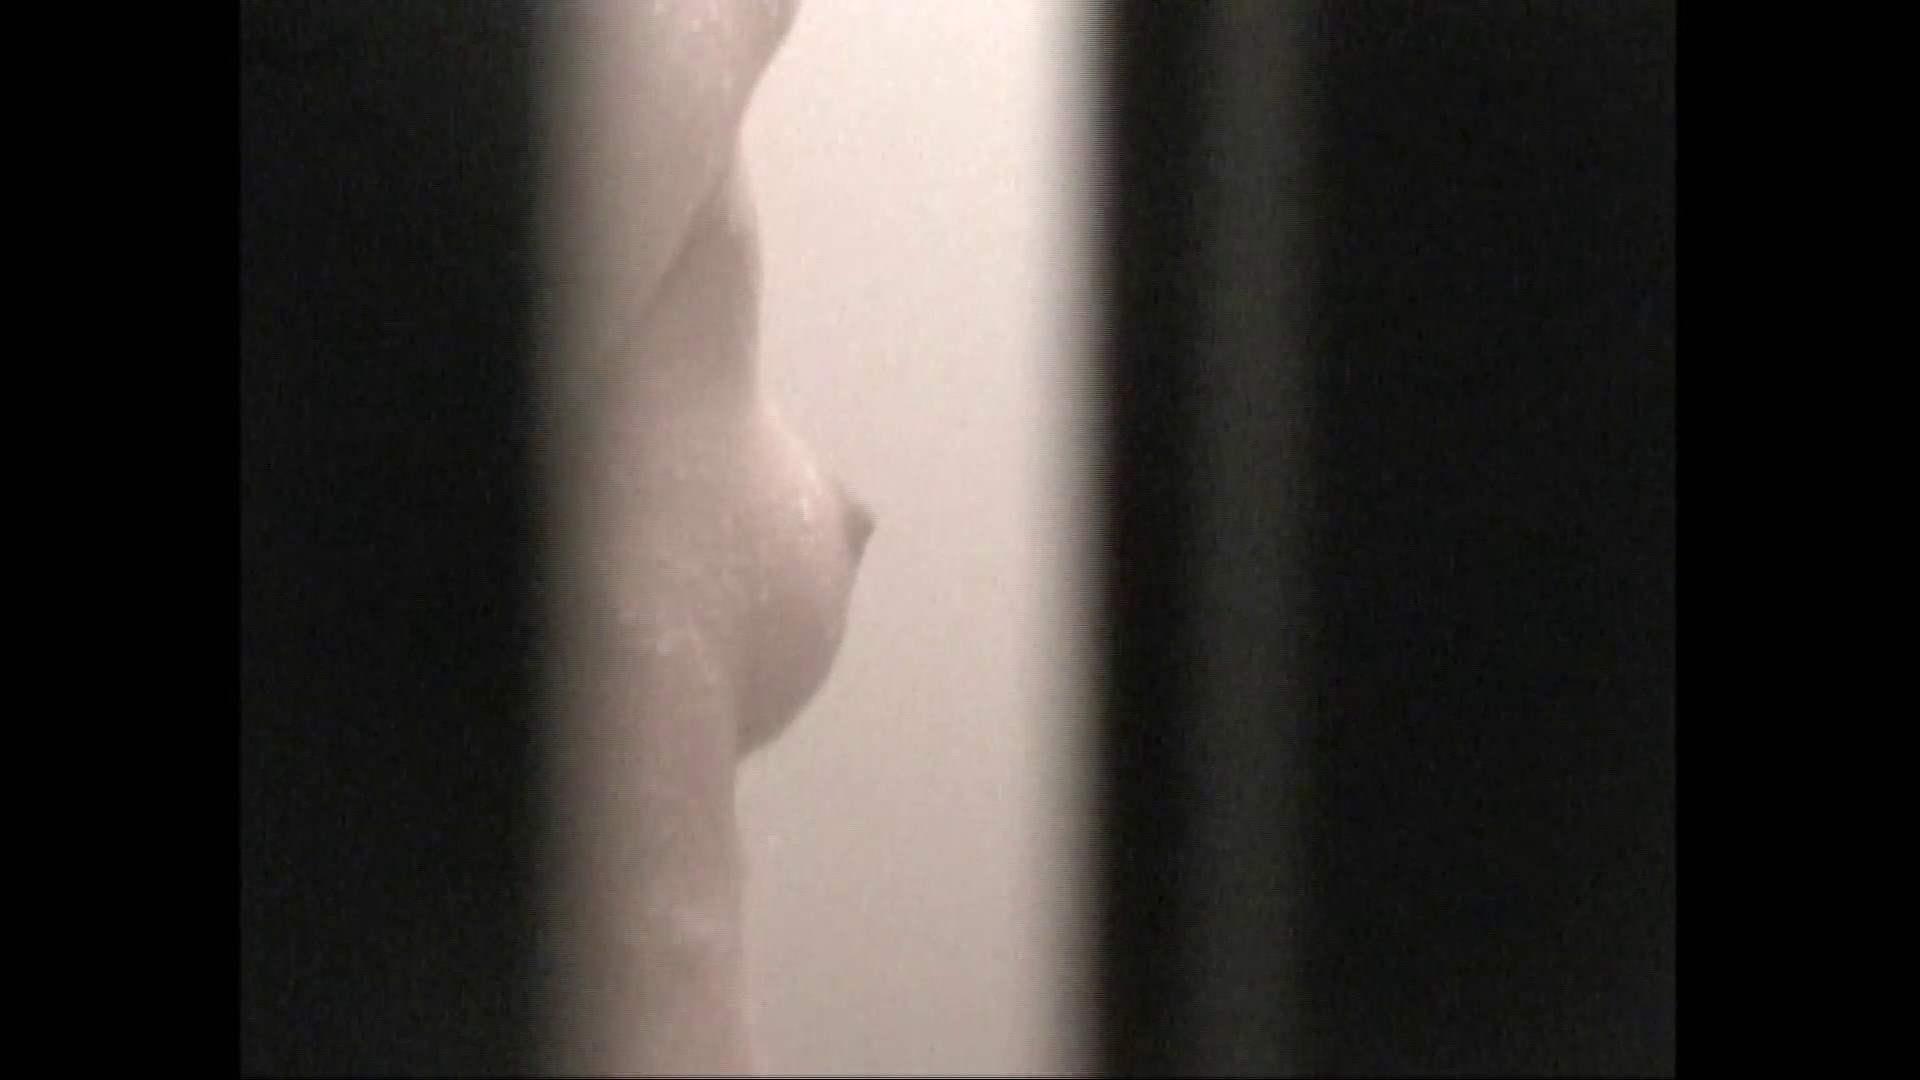 隙間からノゾク風呂 Vol.29 股をグイッとひらいて・・・。 エッチなOL   入浴シーン  104枚 89